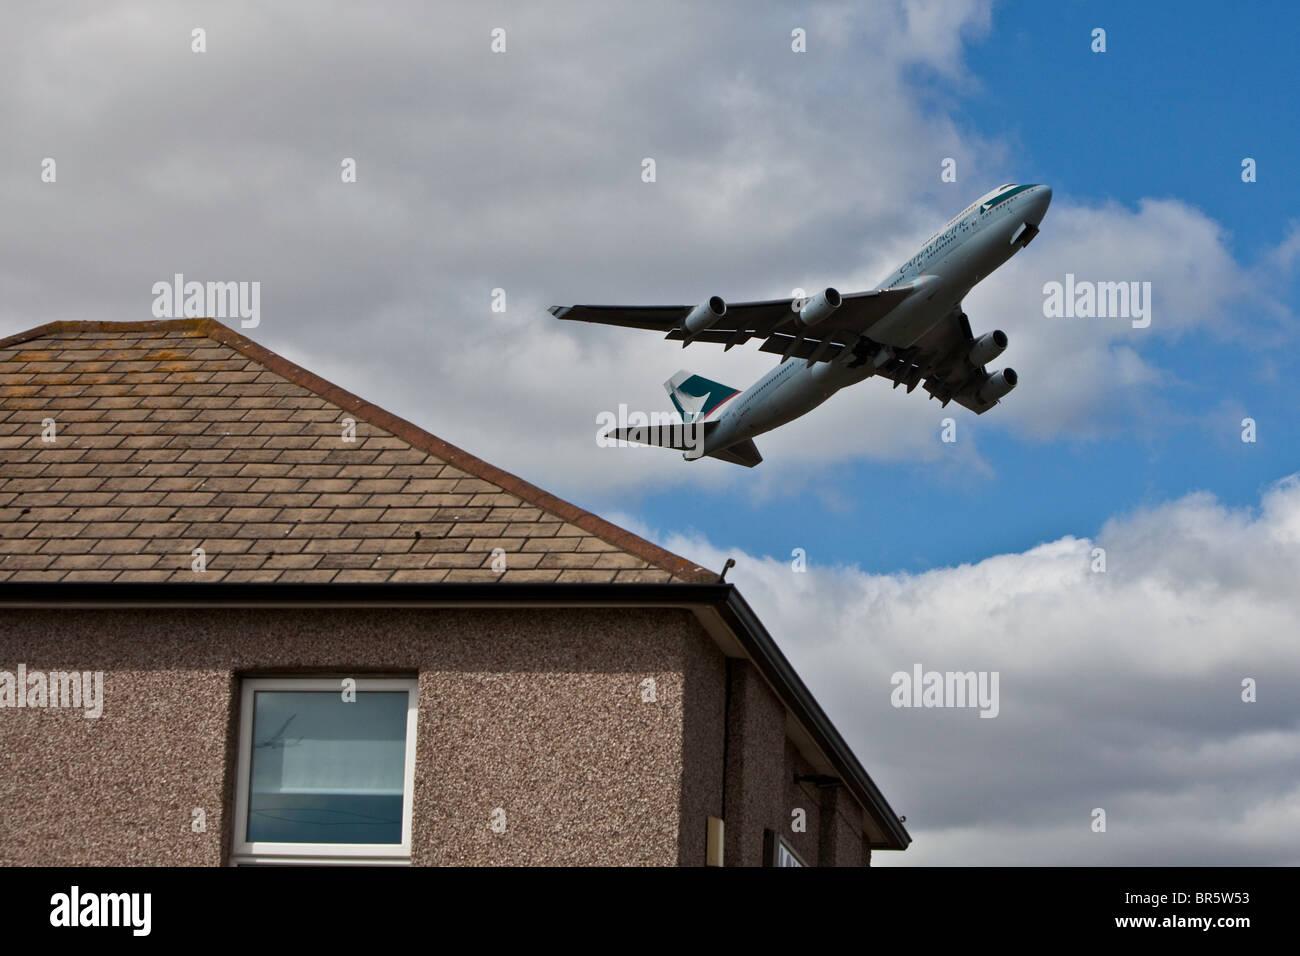 Un avión despegando desde el aeropuerto londinense de Heathrow y sobrevolando la zona de Hatton Cross Hounslow Imagen De Stock